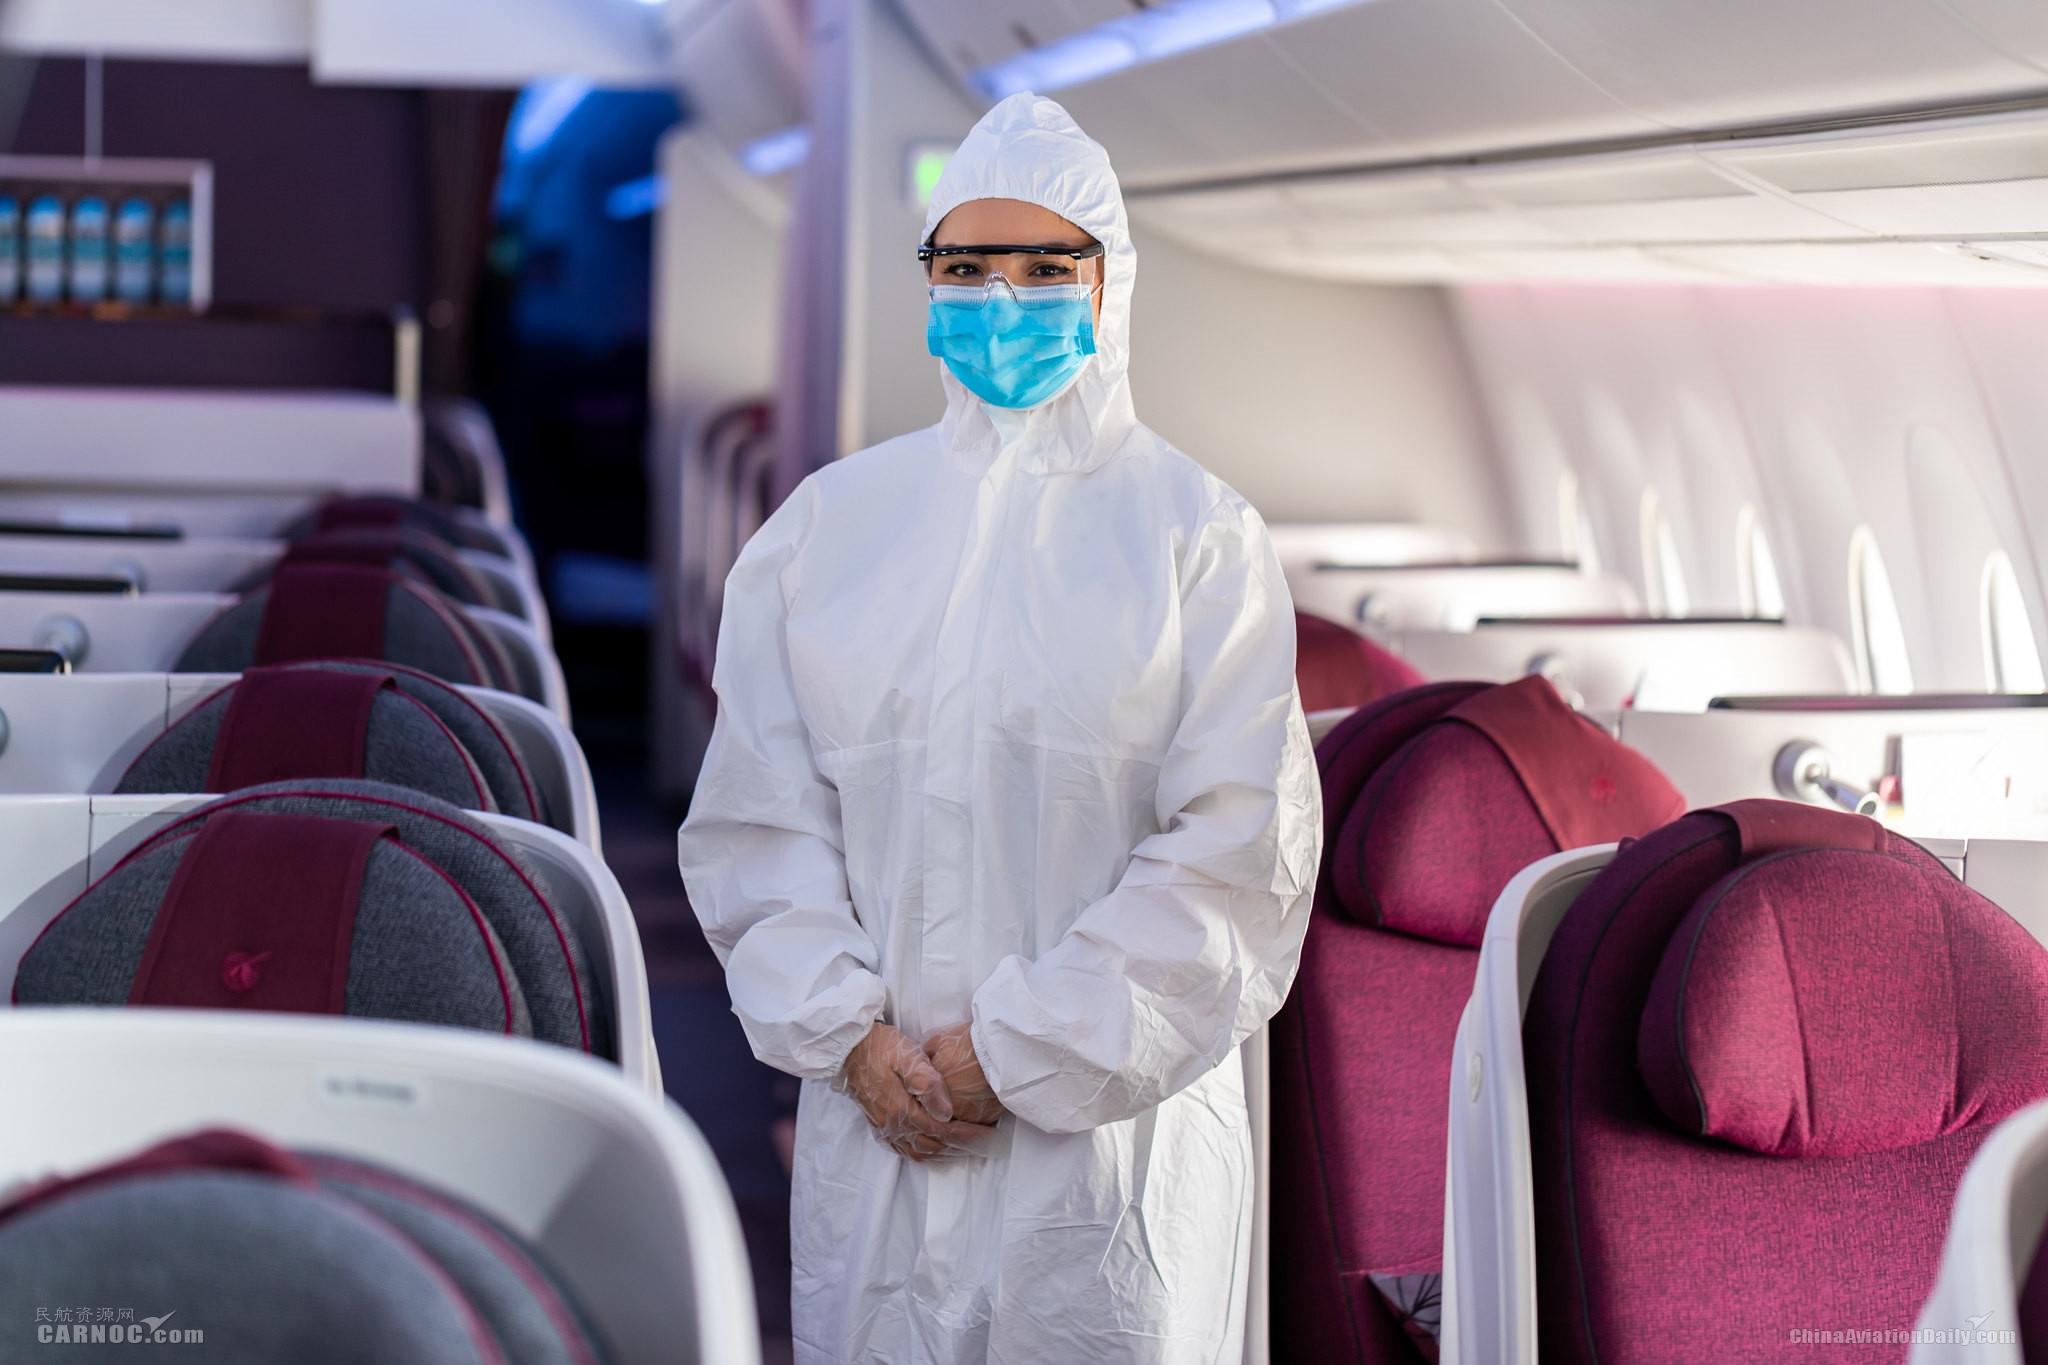 卡塔尔航空对乘客和机组人员推出临时性机上防控措施